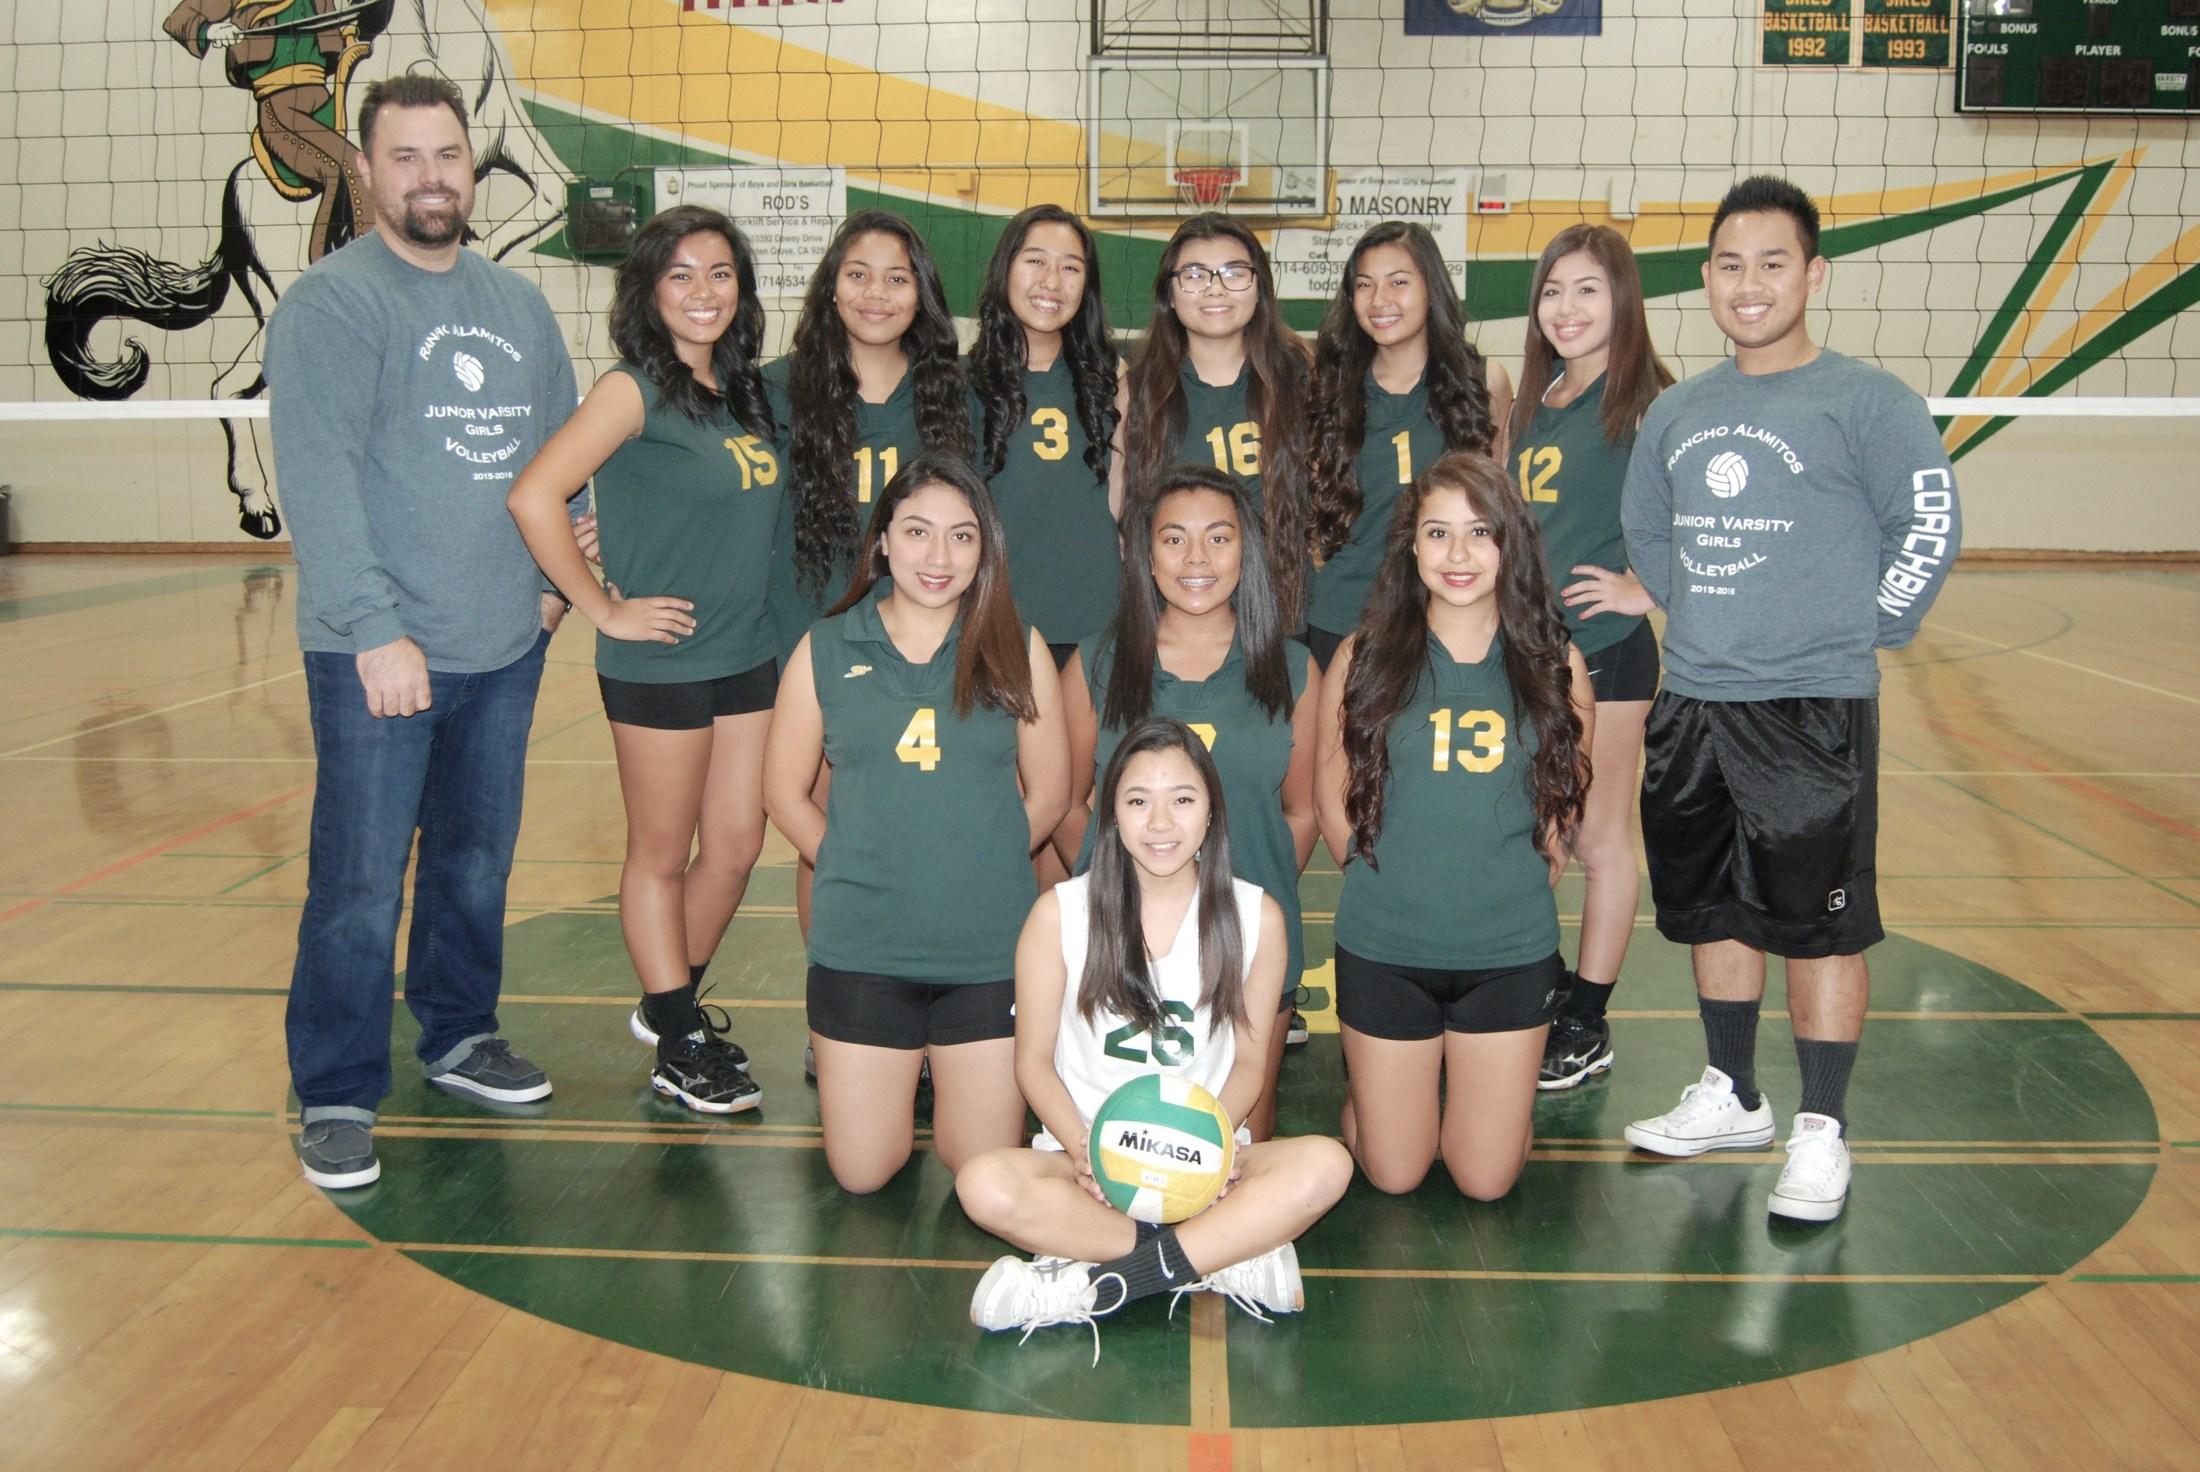 El Rancho High School Volleyball